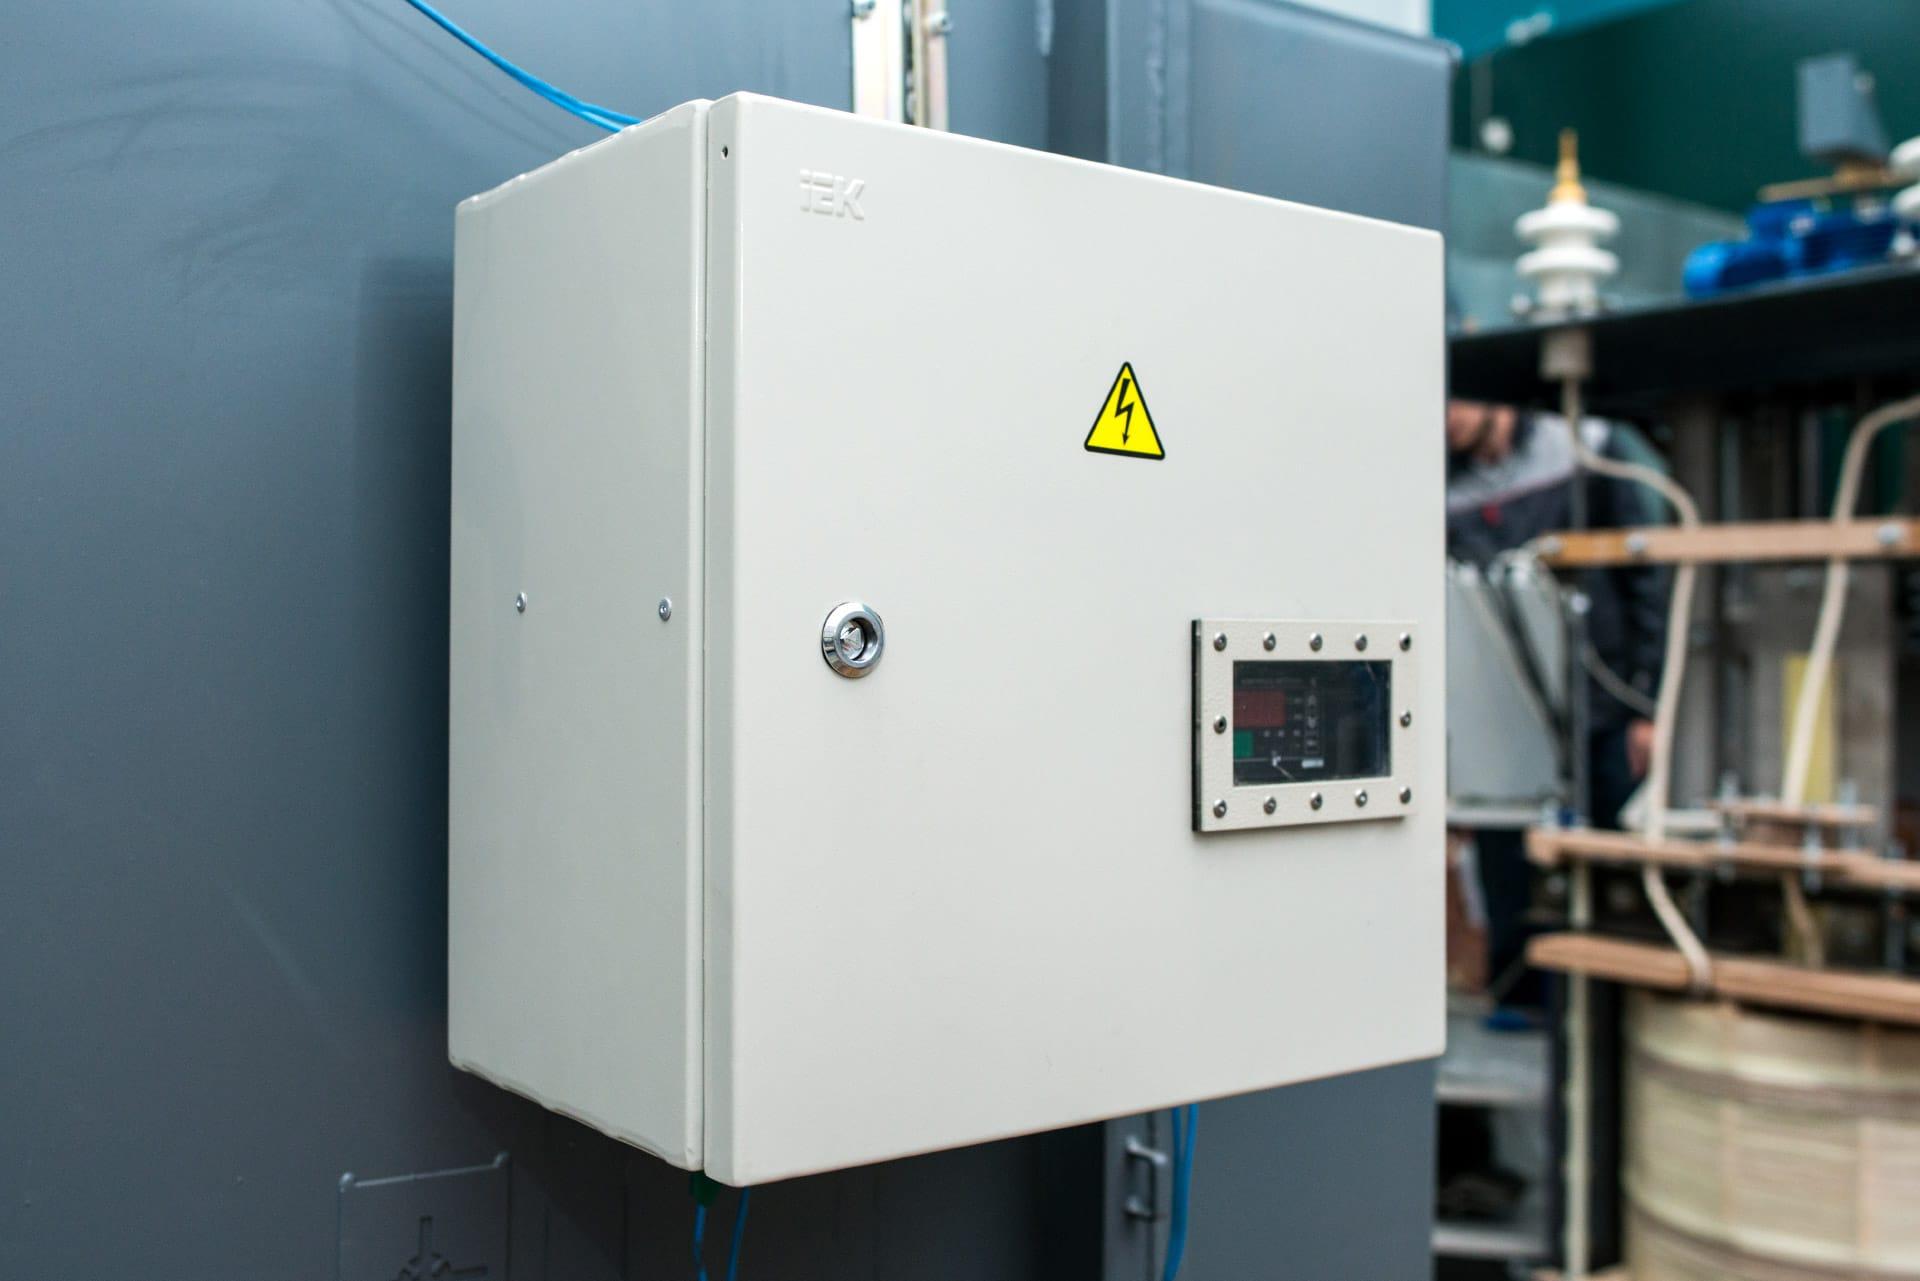 Ensons - Закрытый клеммный шкаф реактора РЗДПОМ